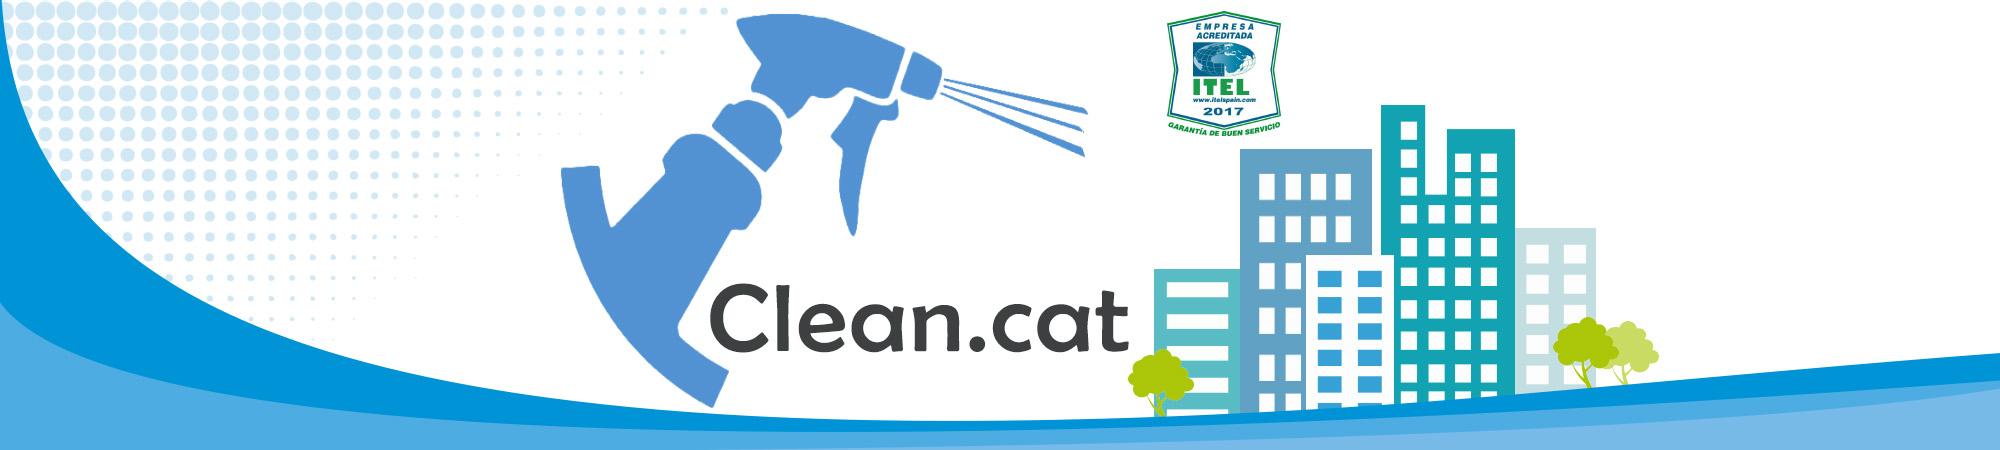 Empresa de limpieza Manresa Igualada, limpiezas comunidades hogar Igualada